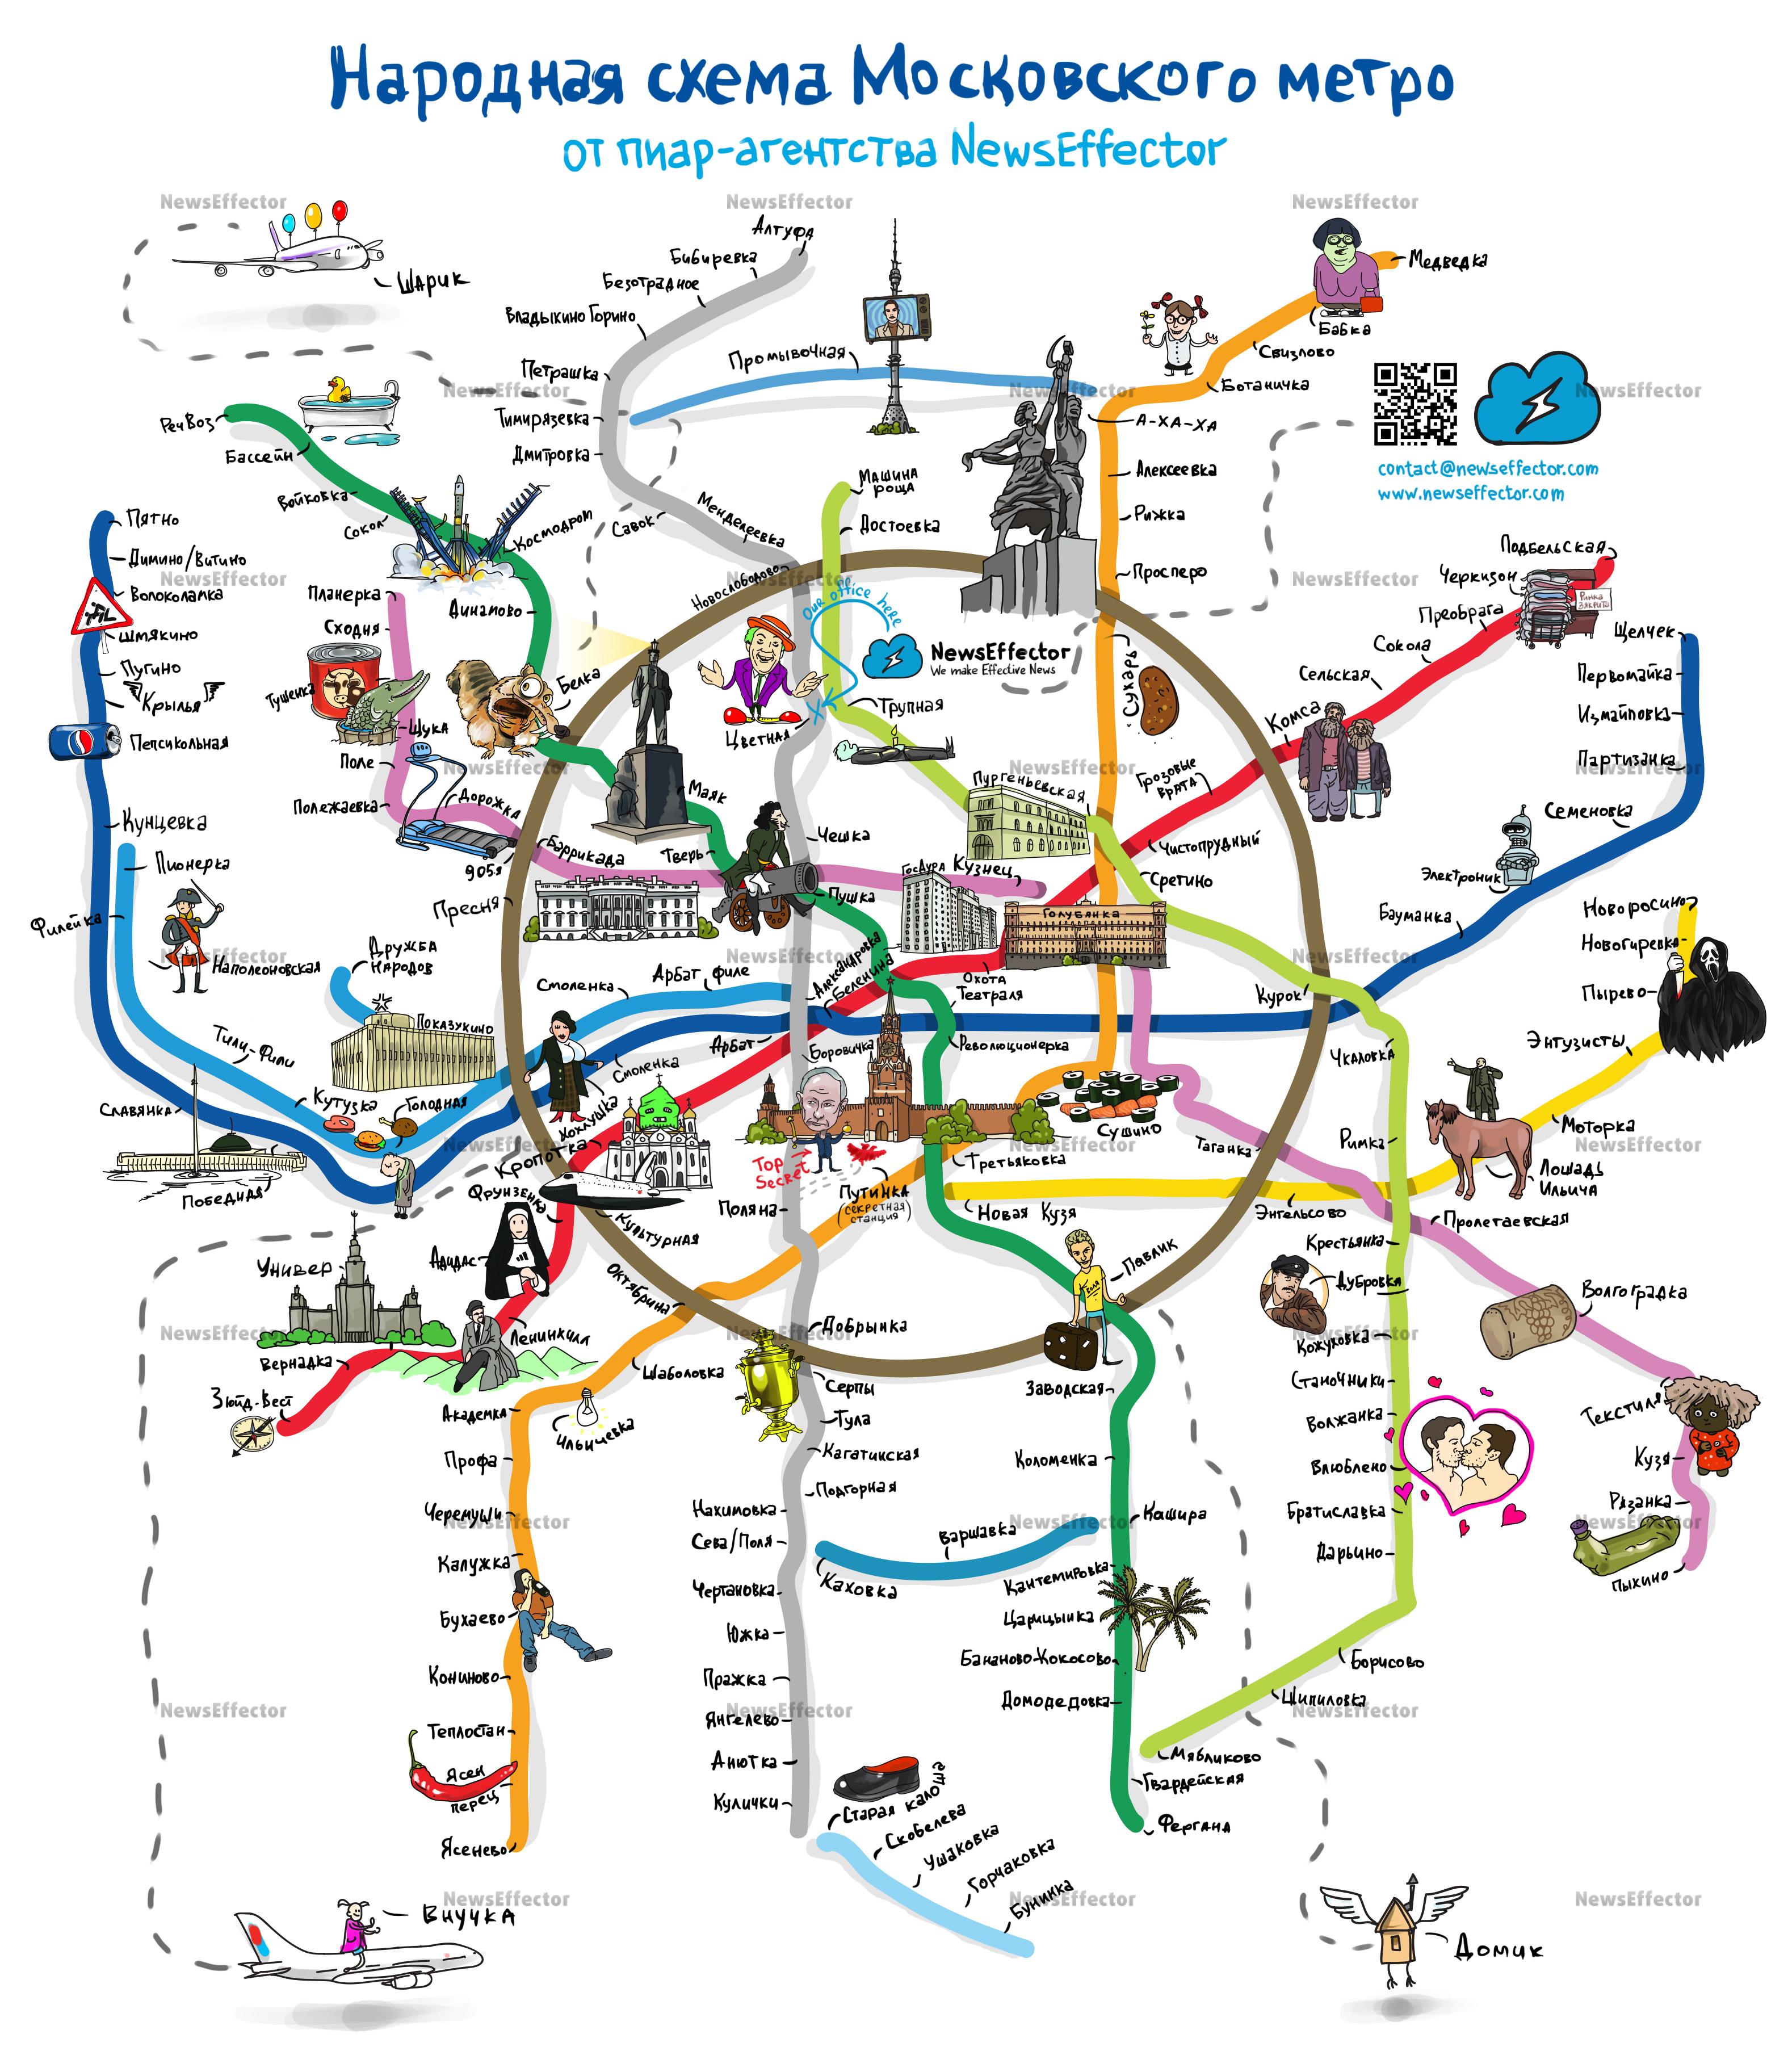 Неформальная карта метро